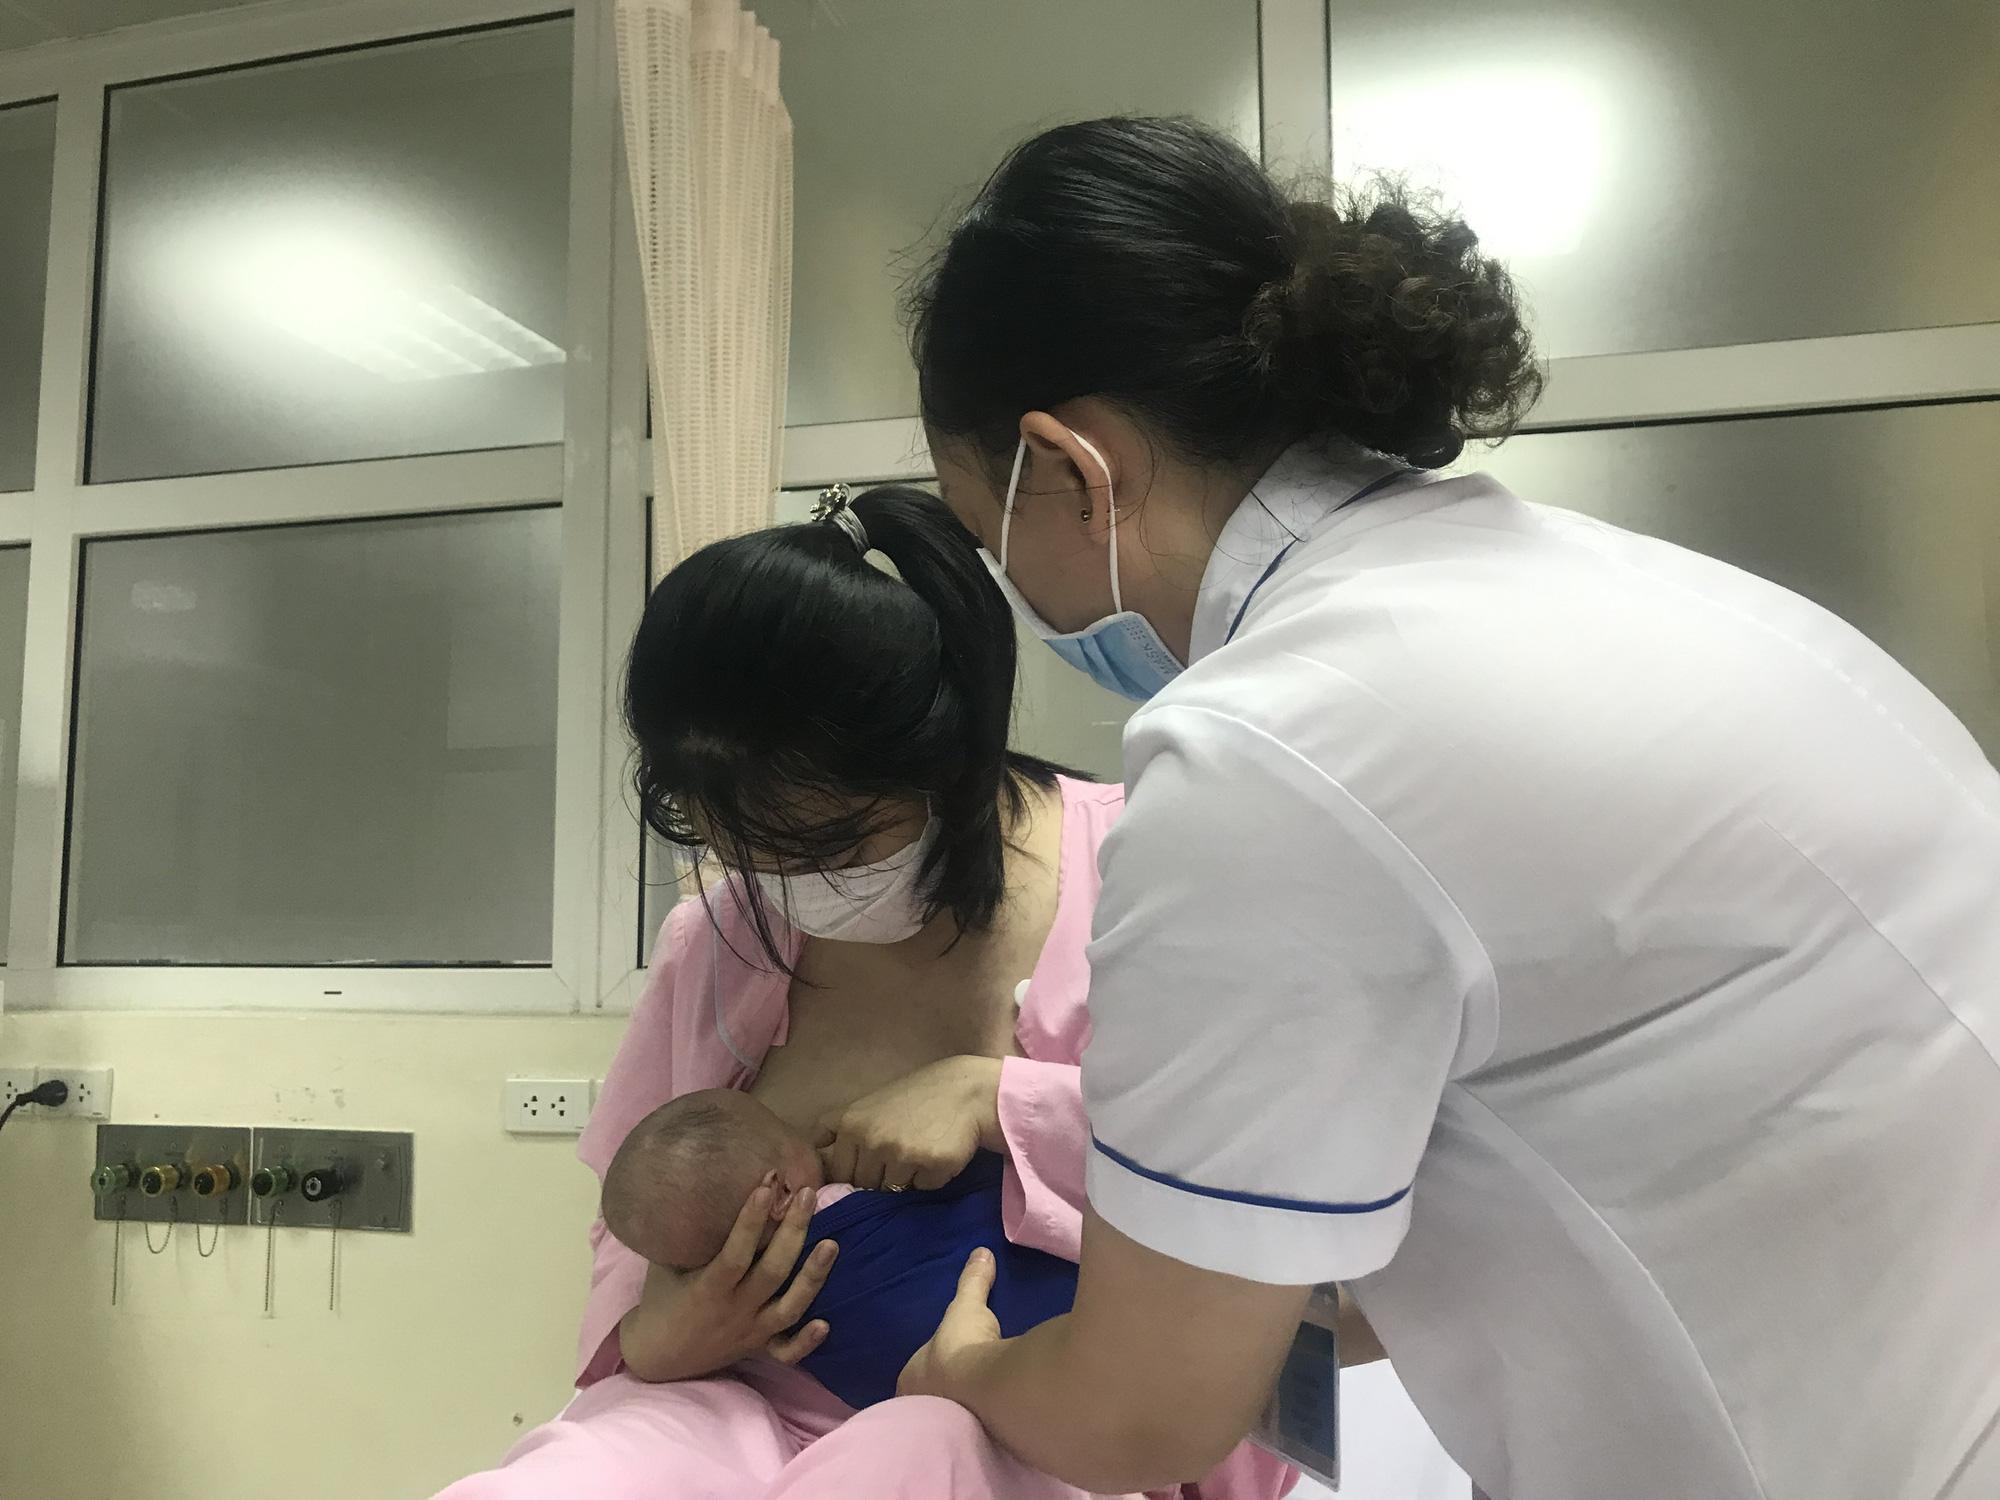 Kỳ diệu, cứu sống và nuôi dưỡng thành công trẻ sơ sinh nặng 400gram đầu tiên tại Việt Nam   - Ảnh 4.